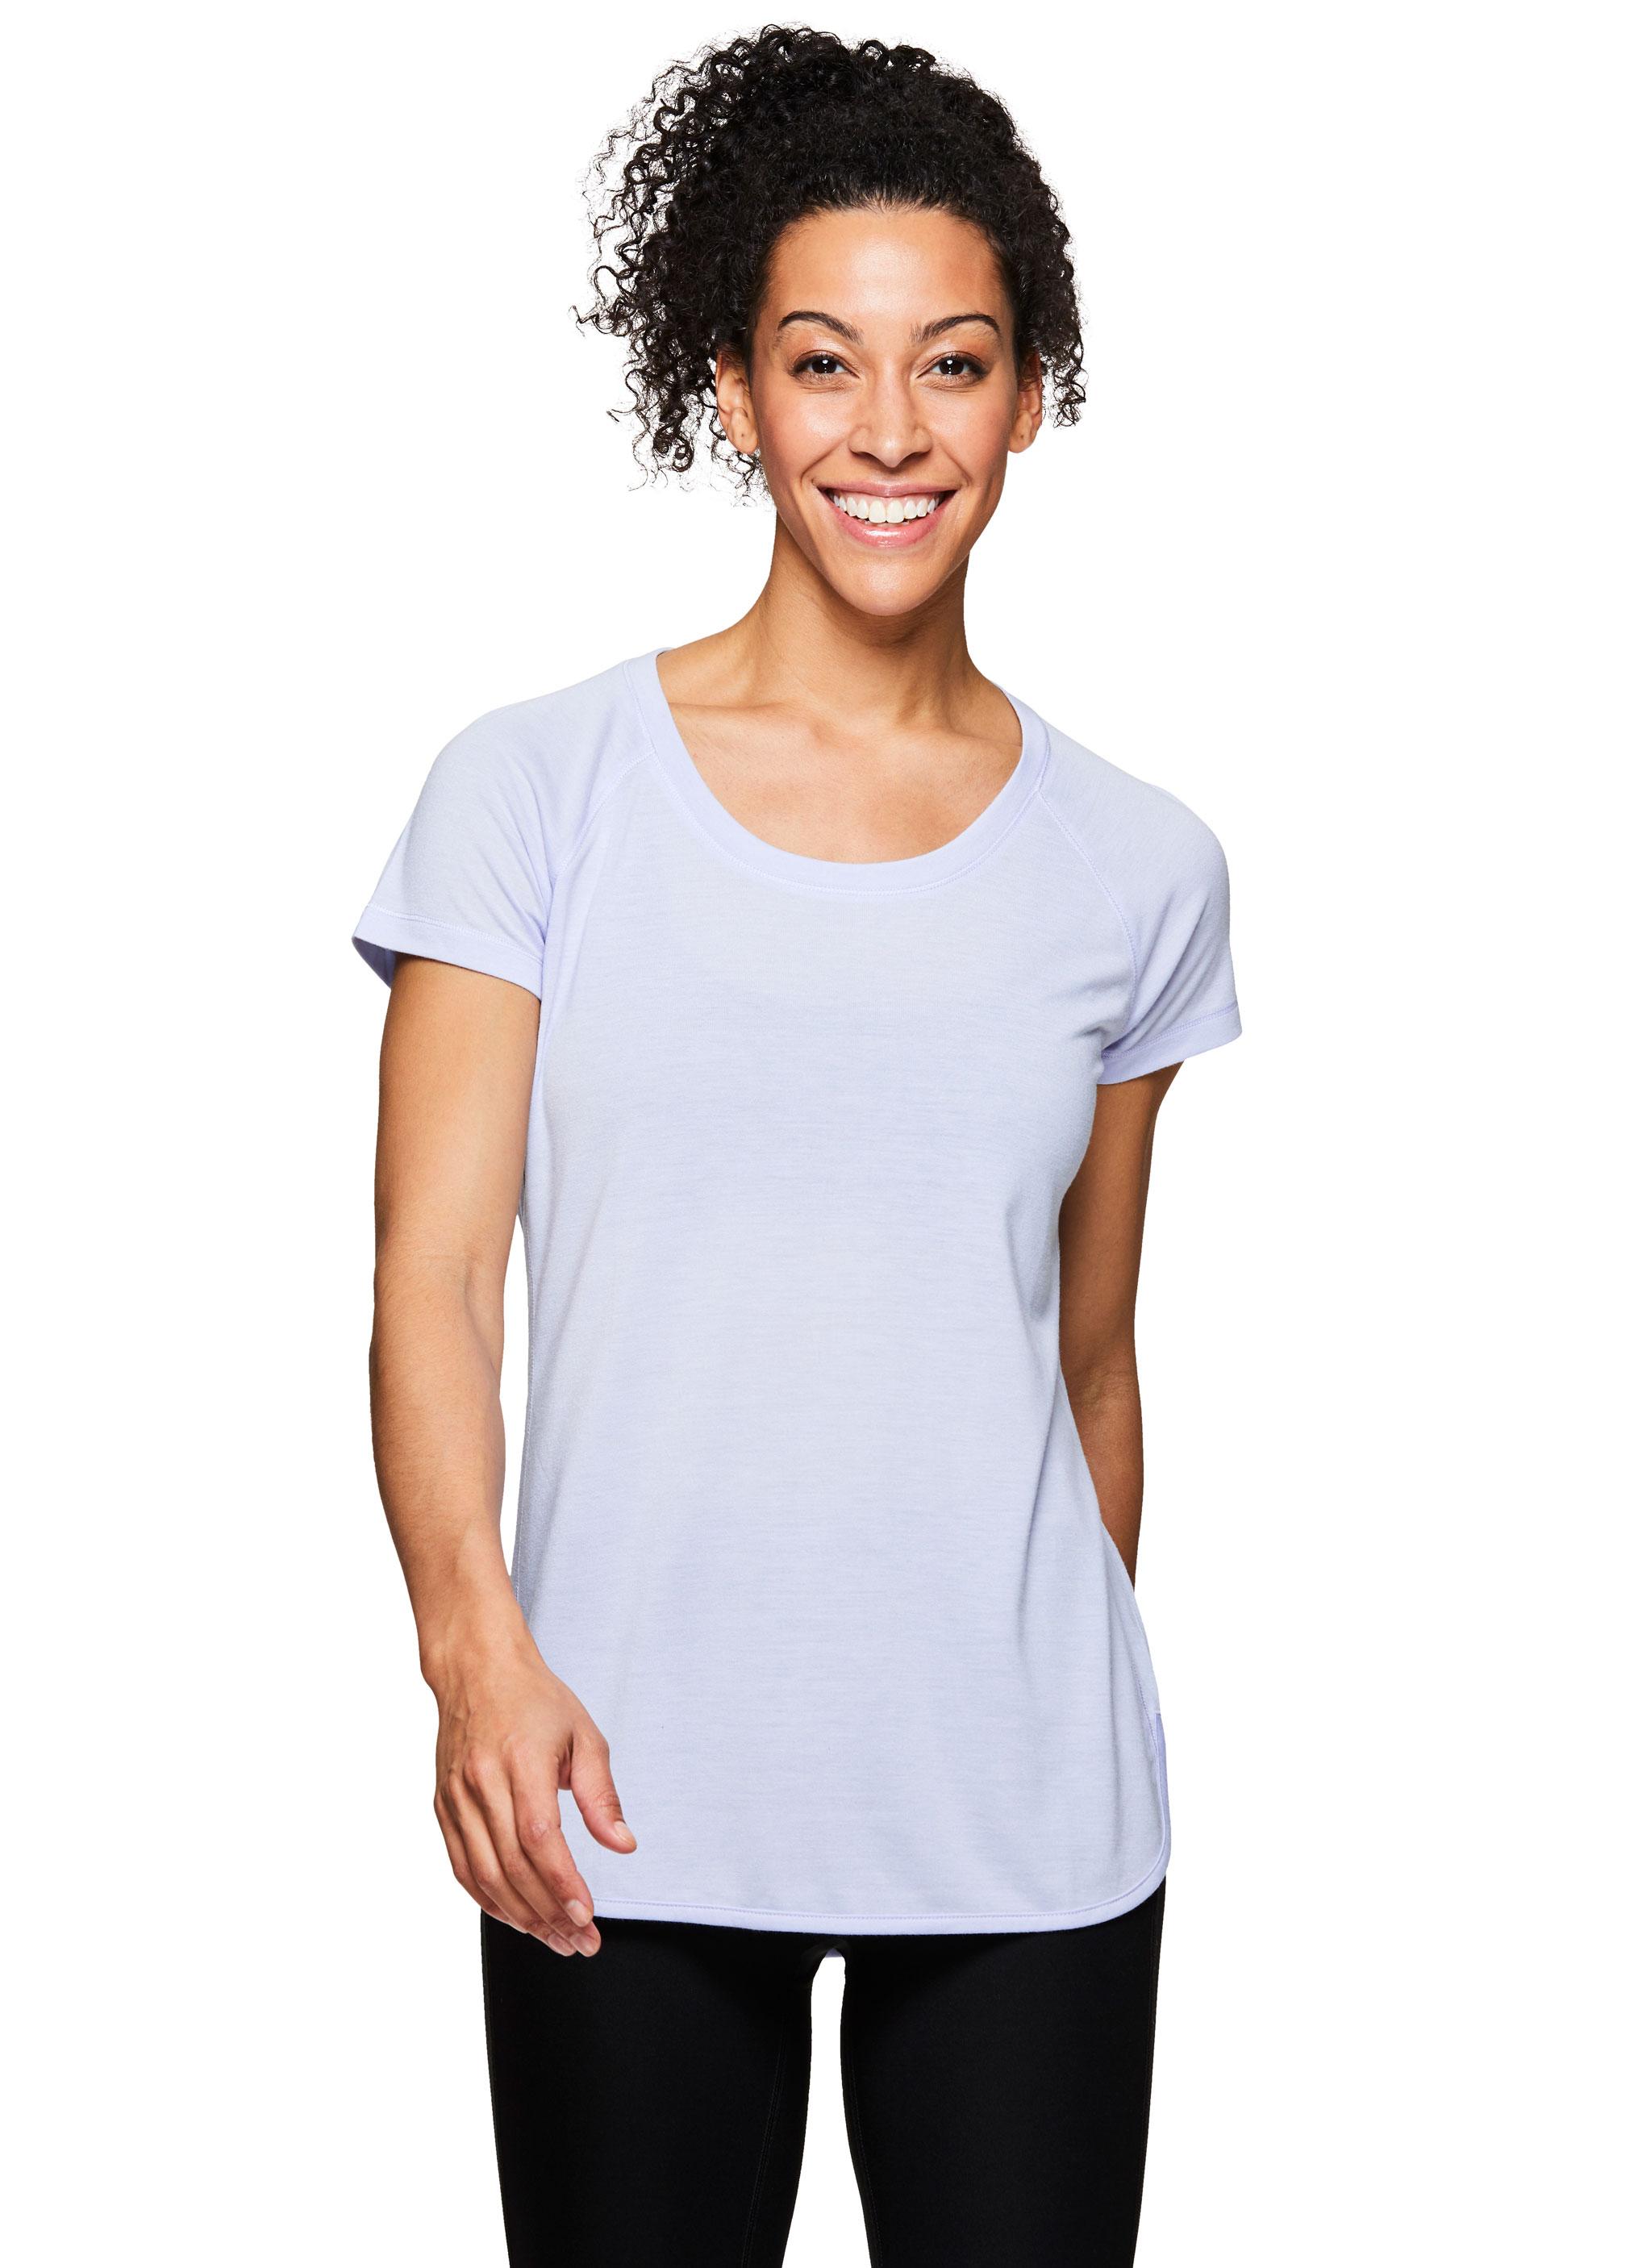 62a4f2156d RBX Active Women's Short Sleeve Yoga Shirt | eBay